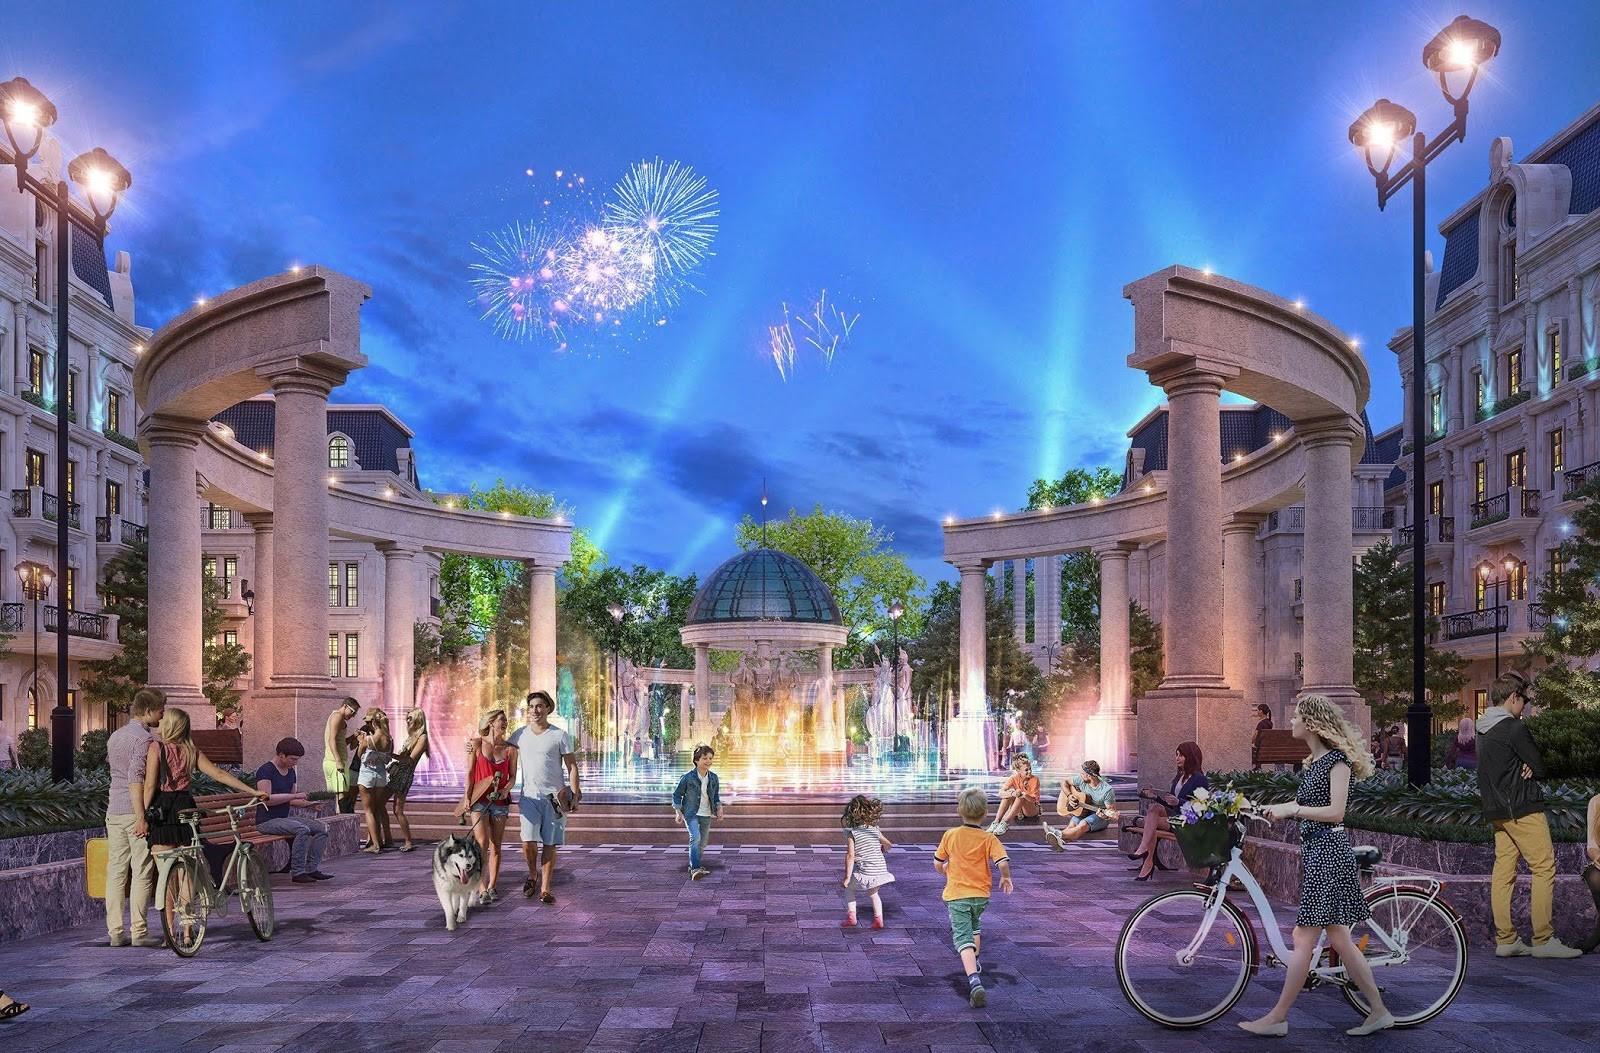 Hơn 500 villas, shop villas sắp xuất hiện tại KĐT Ciputra - Ảnh 6